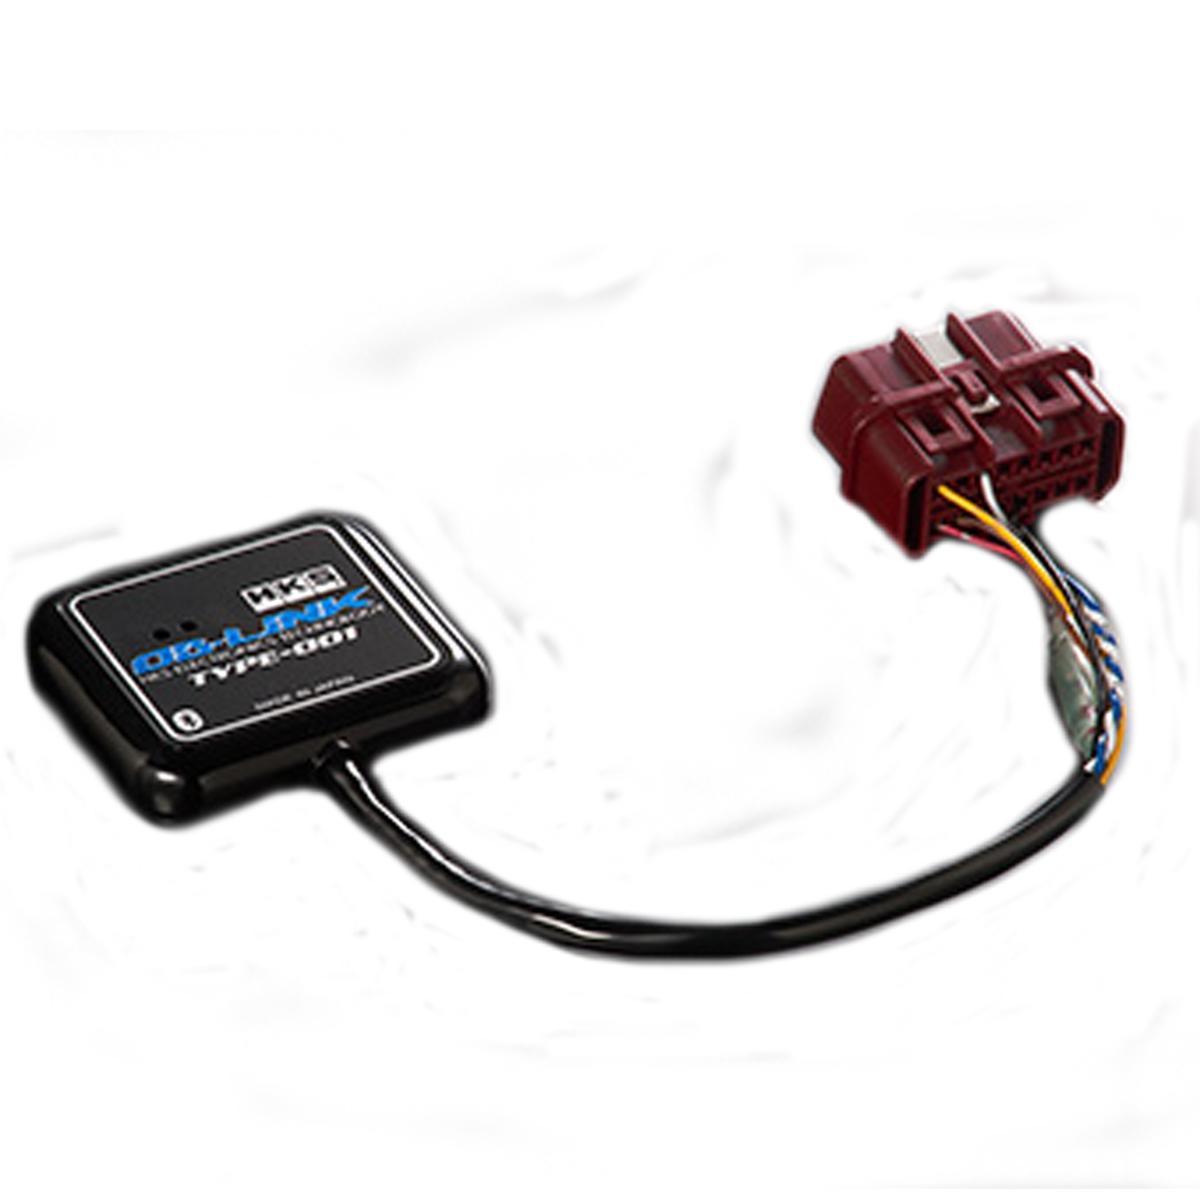 レクサス モニター OBリンク タイプ 001 USE20 HKS 44009-AK002 エレクトリニクス 個人宅発送追金有